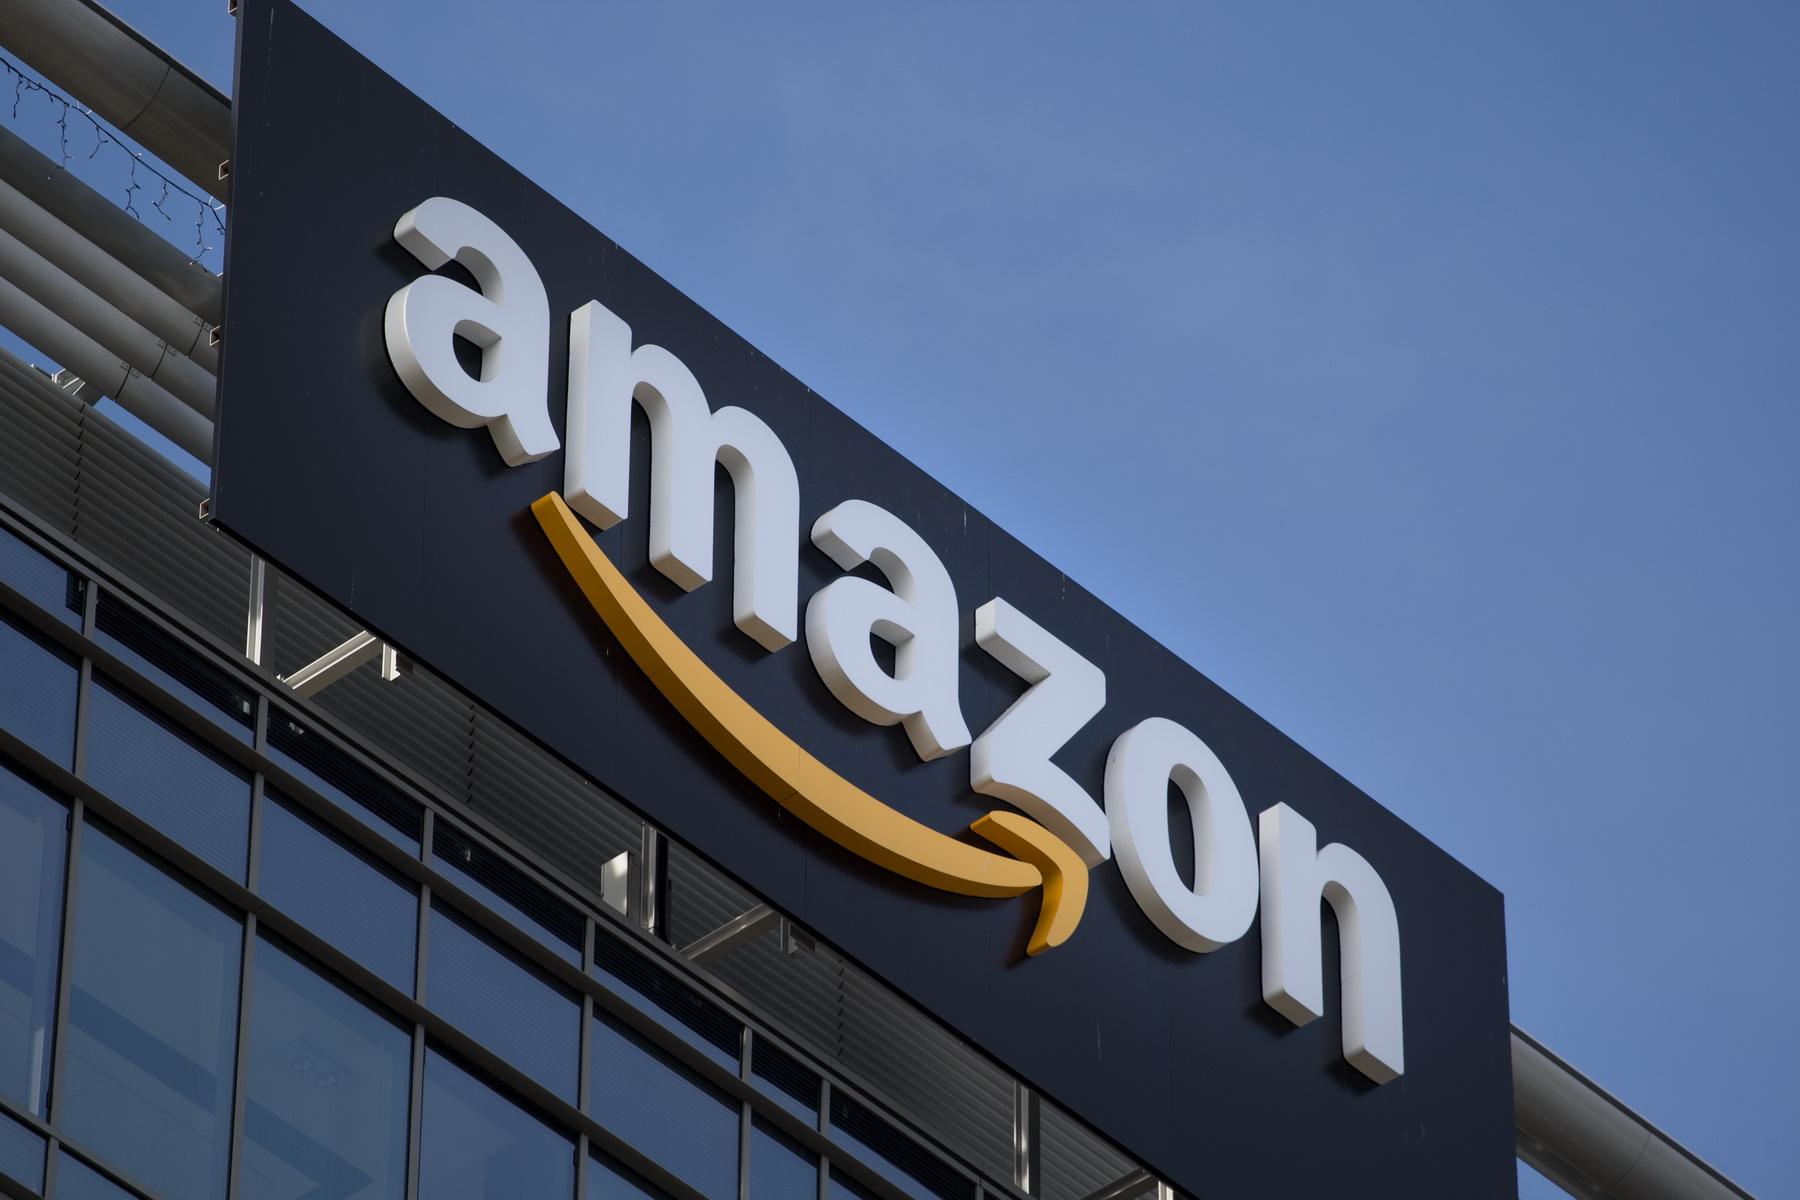 Amazon обвиняют в нарушении антимонопольного законодательства. Акции падают